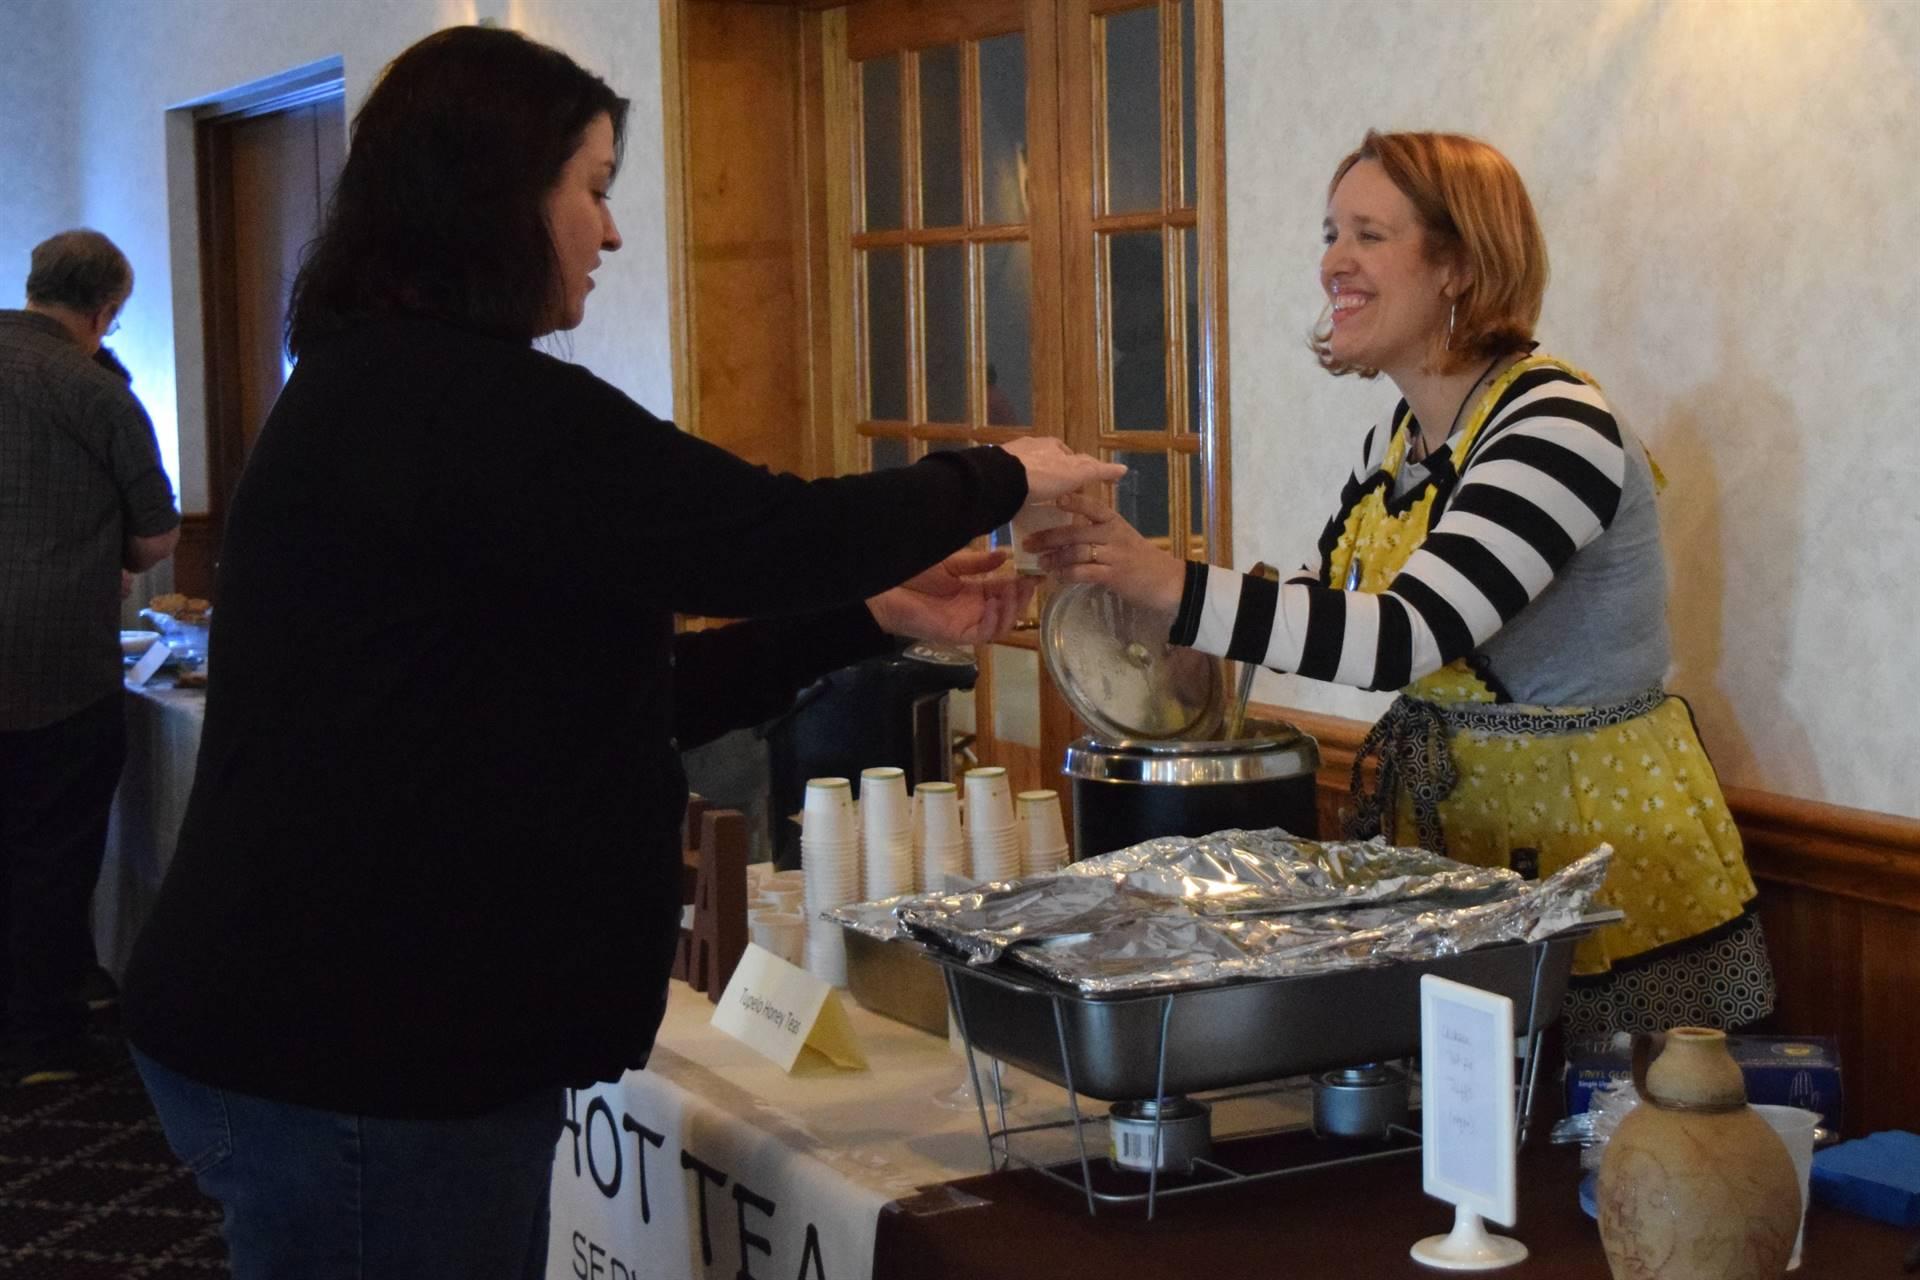 woman serving soup to woman